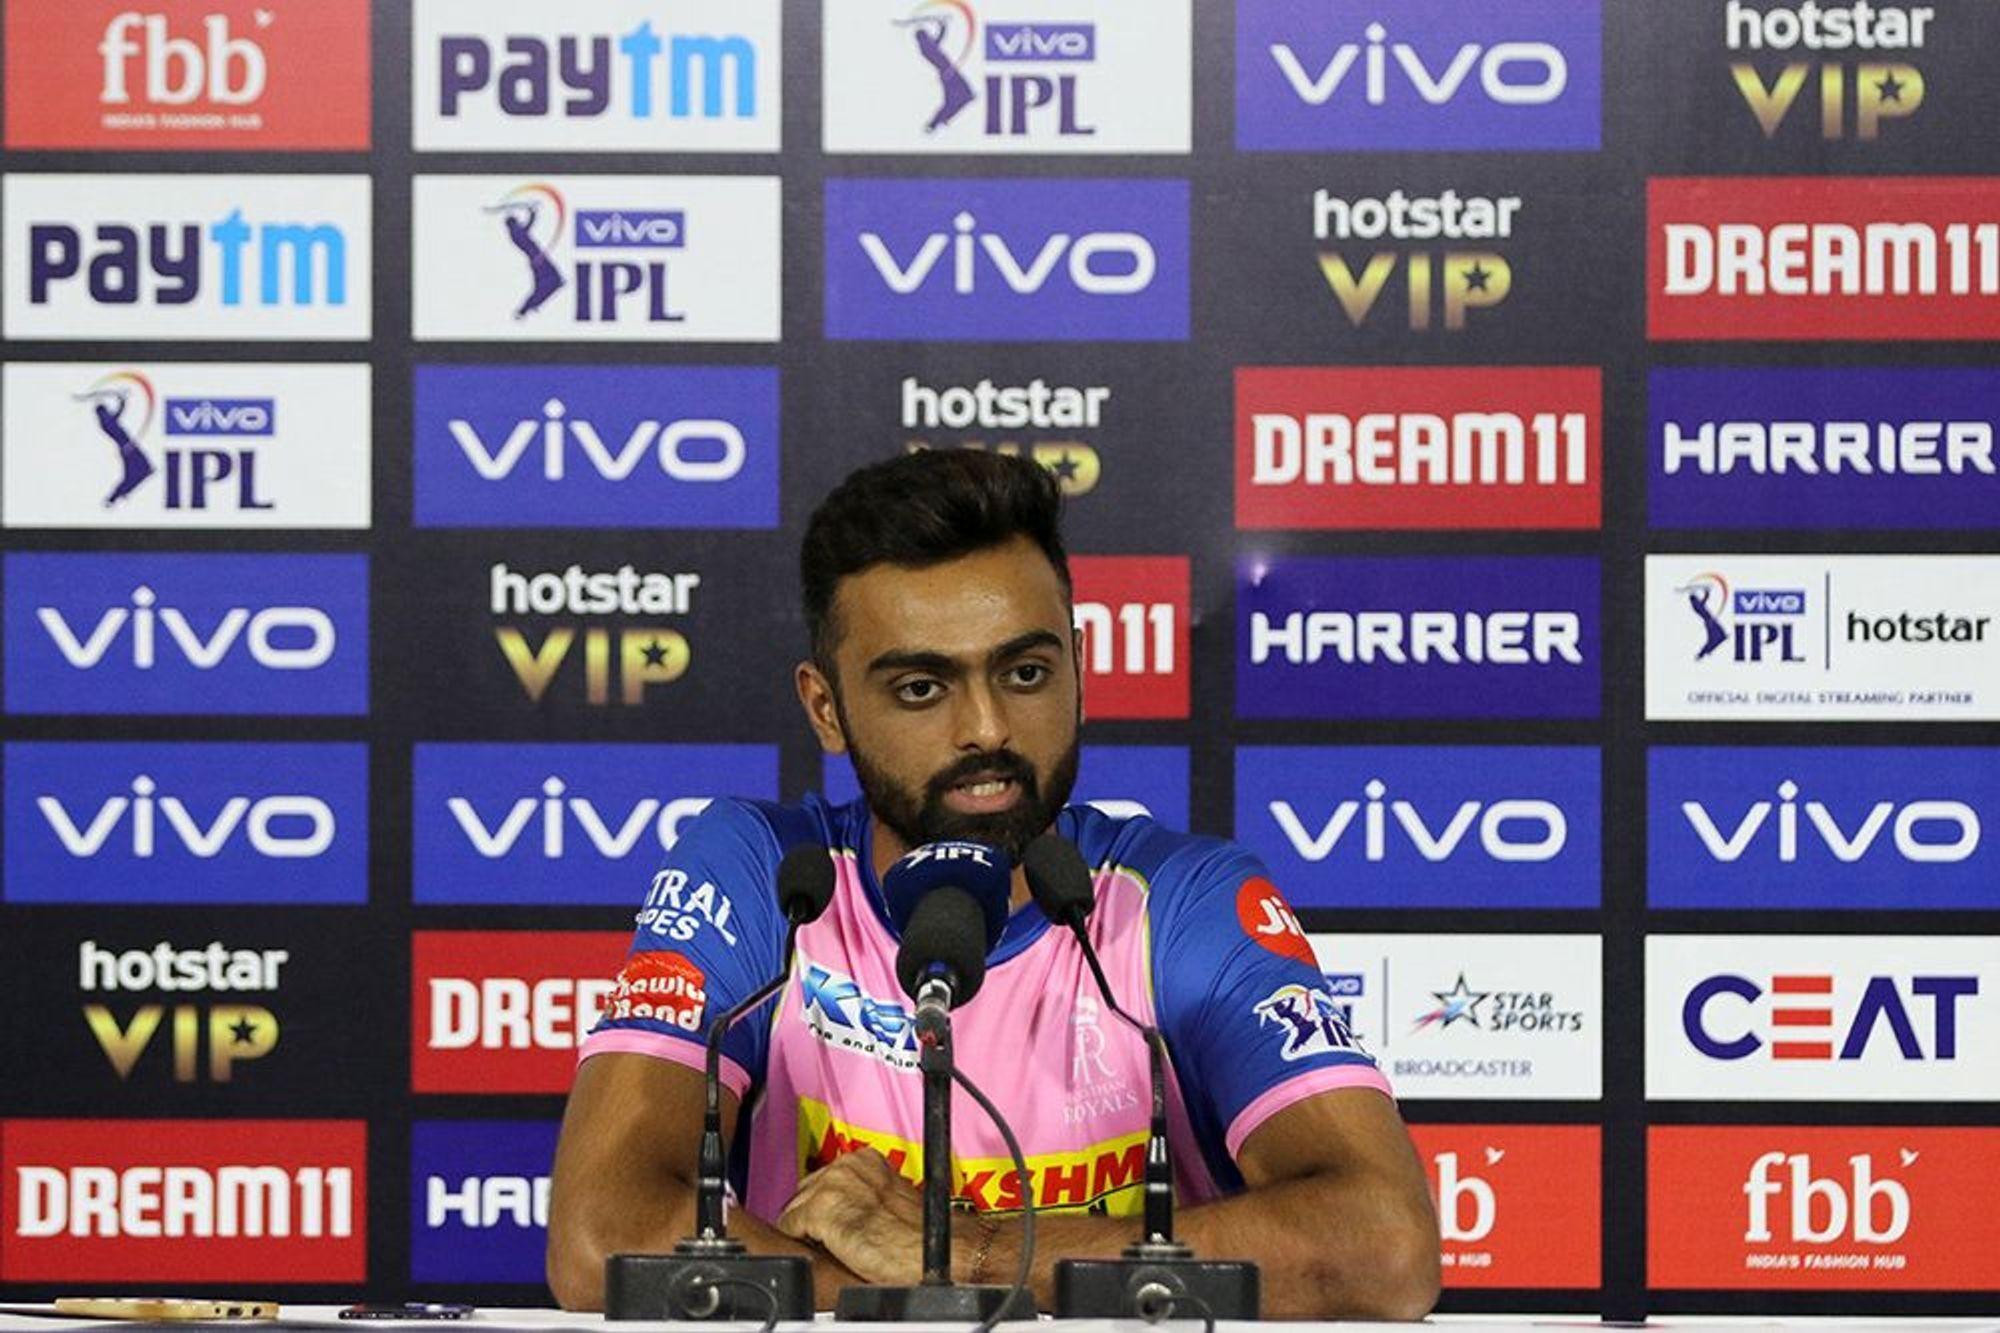 RRvsSRH : 'मैन ऑफ द मैच' जयदेव उनादकट ने इस खिलाड़ी को दिया अपने अच्छे प्रदर्शन का श्रेय 10